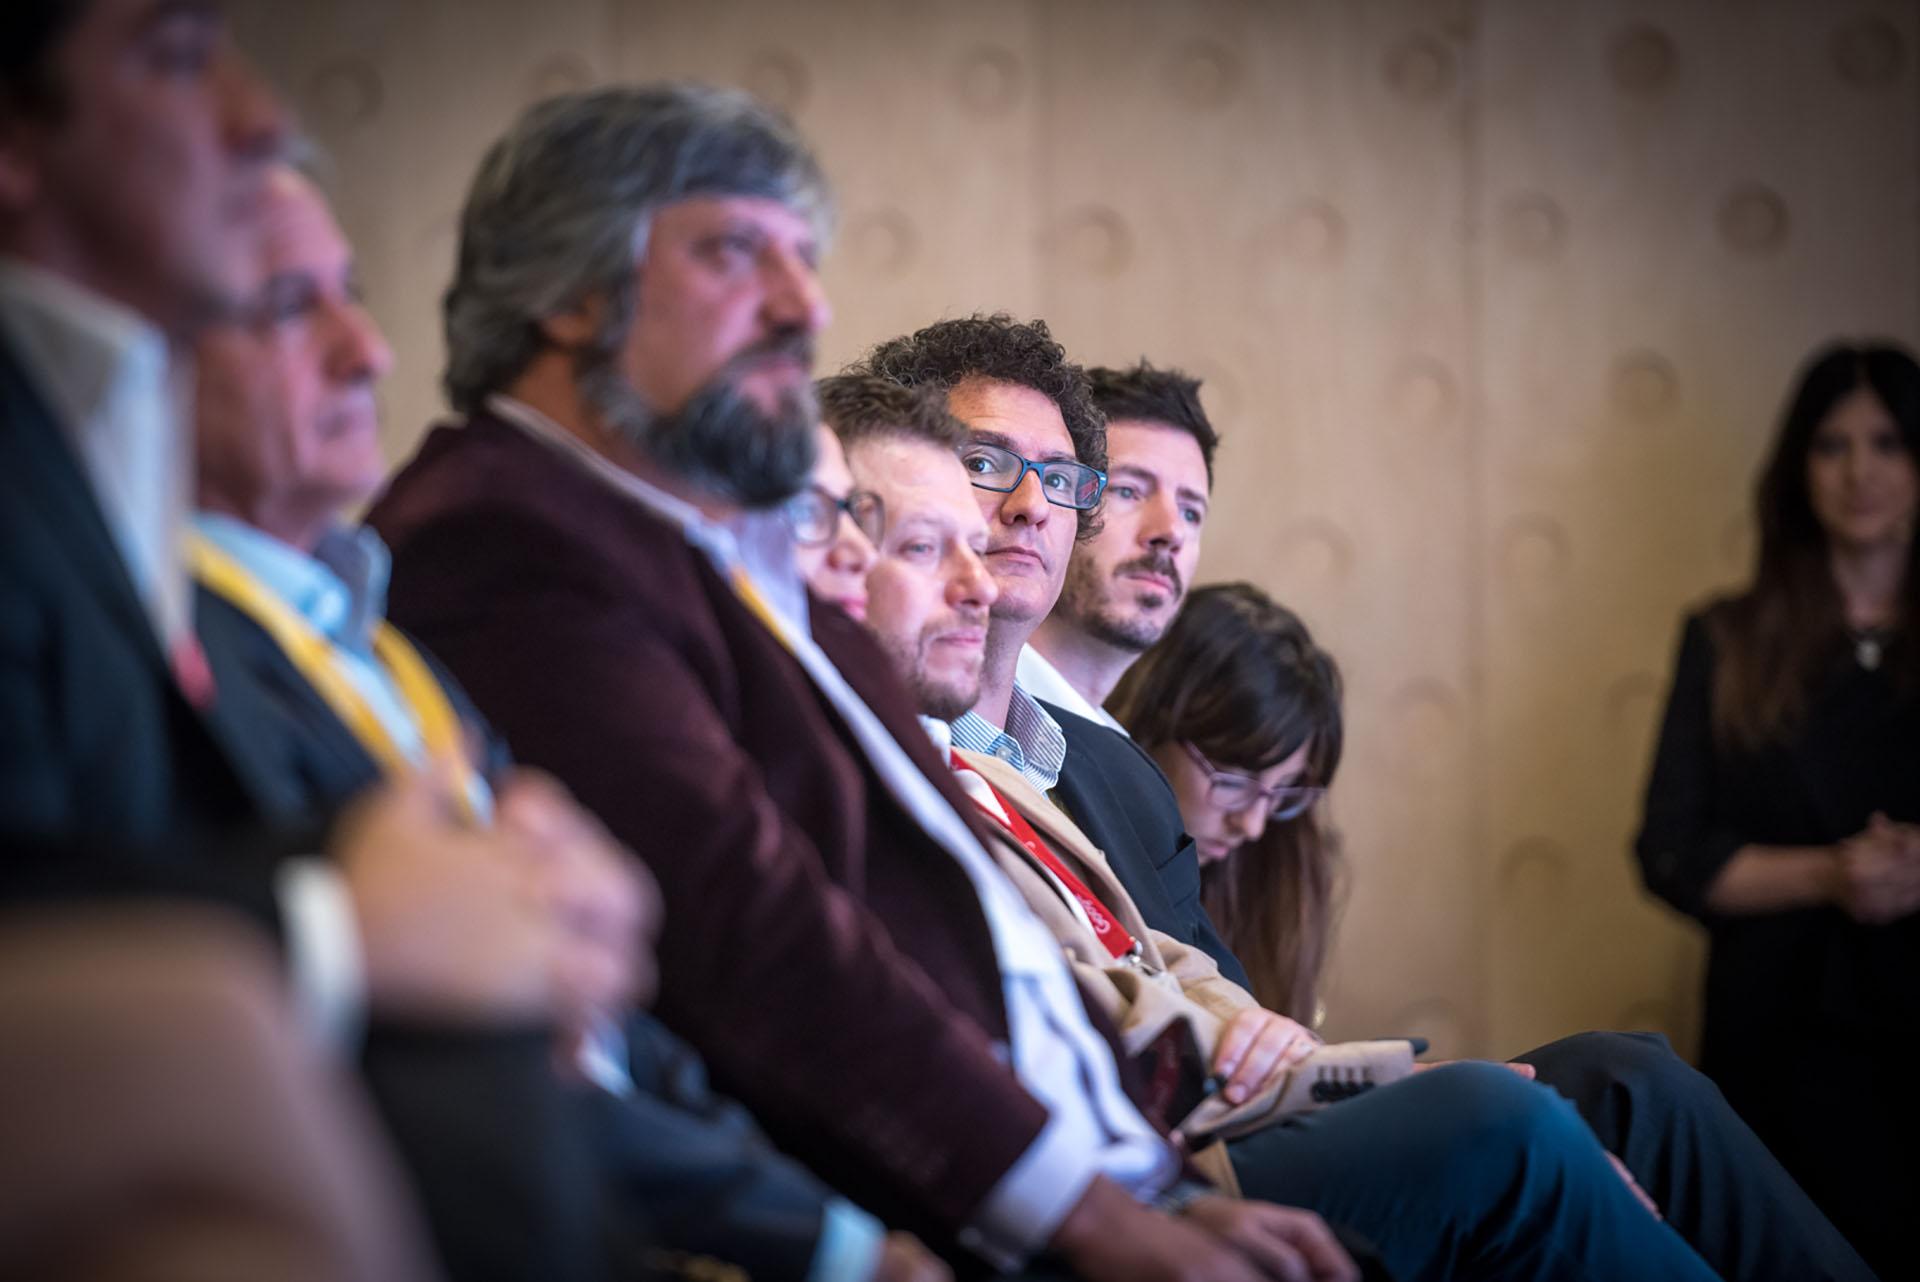 Andrés Ibarra, ministro de Modernización; Miguel Ángel De Godoy, director de Enacom y Mariano Meyer, secretario de Emprendedores y PyMEs y Rudi Borrmann, subsecretario de Innovación Pública de la Nación fueron algunos de los funcionarios que estuvieron presentes en el evento.